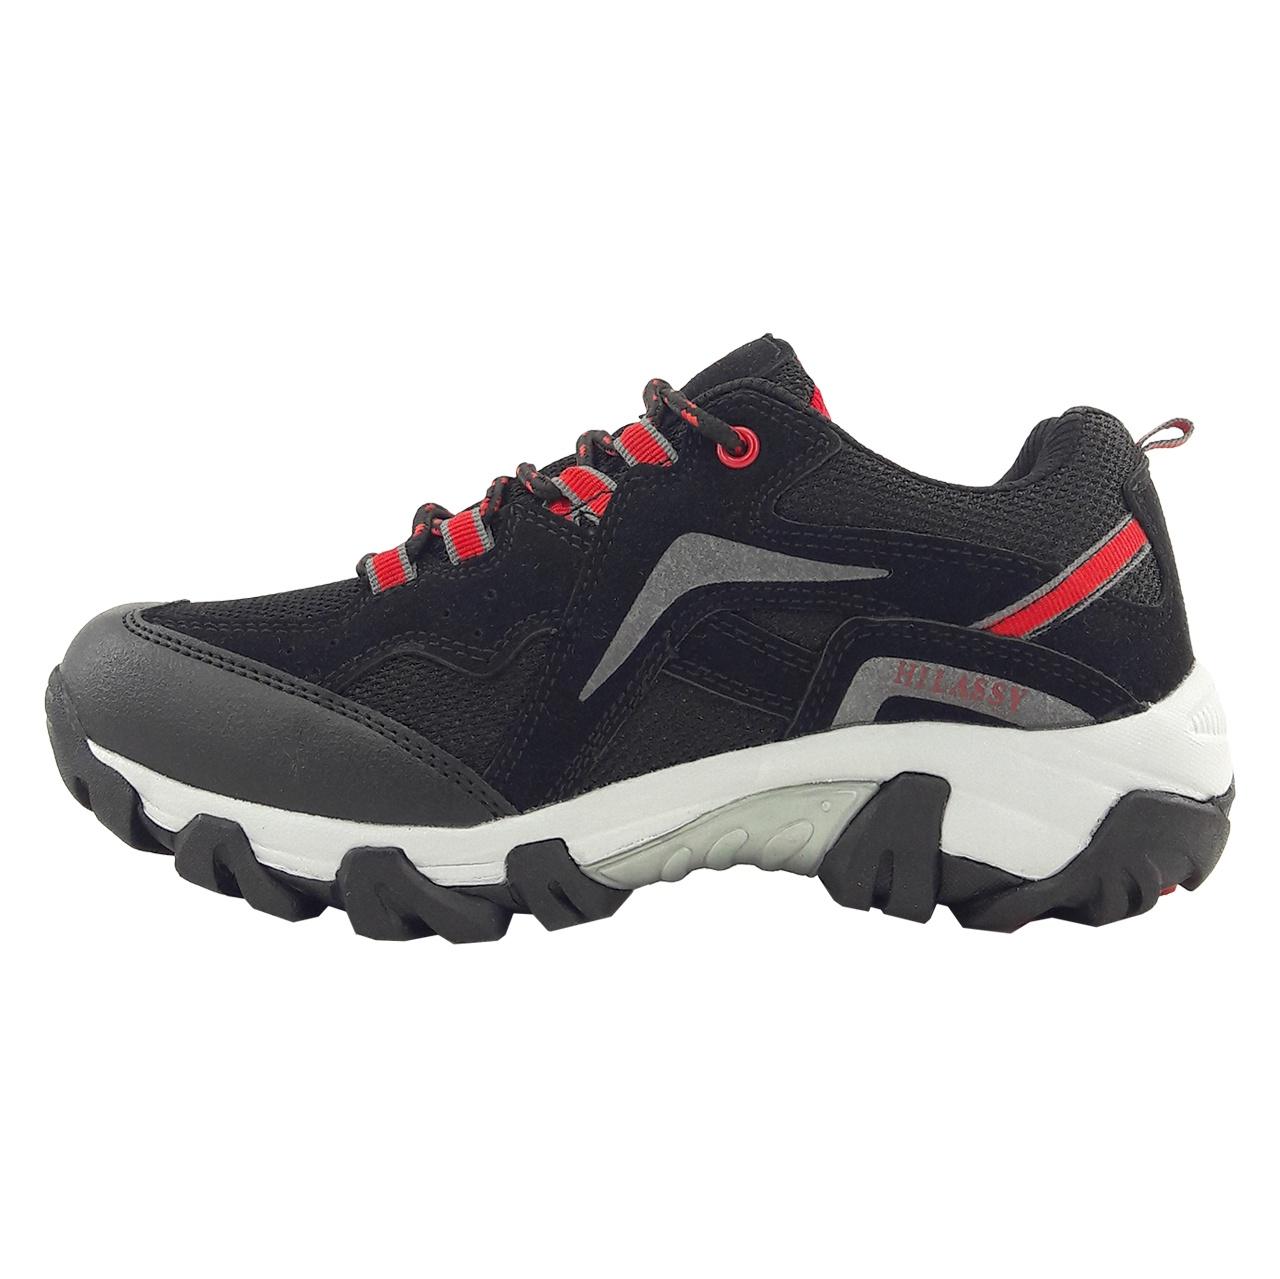 کفش راحتی زنانه هیلاسی مدل Hilassy bl.rd01